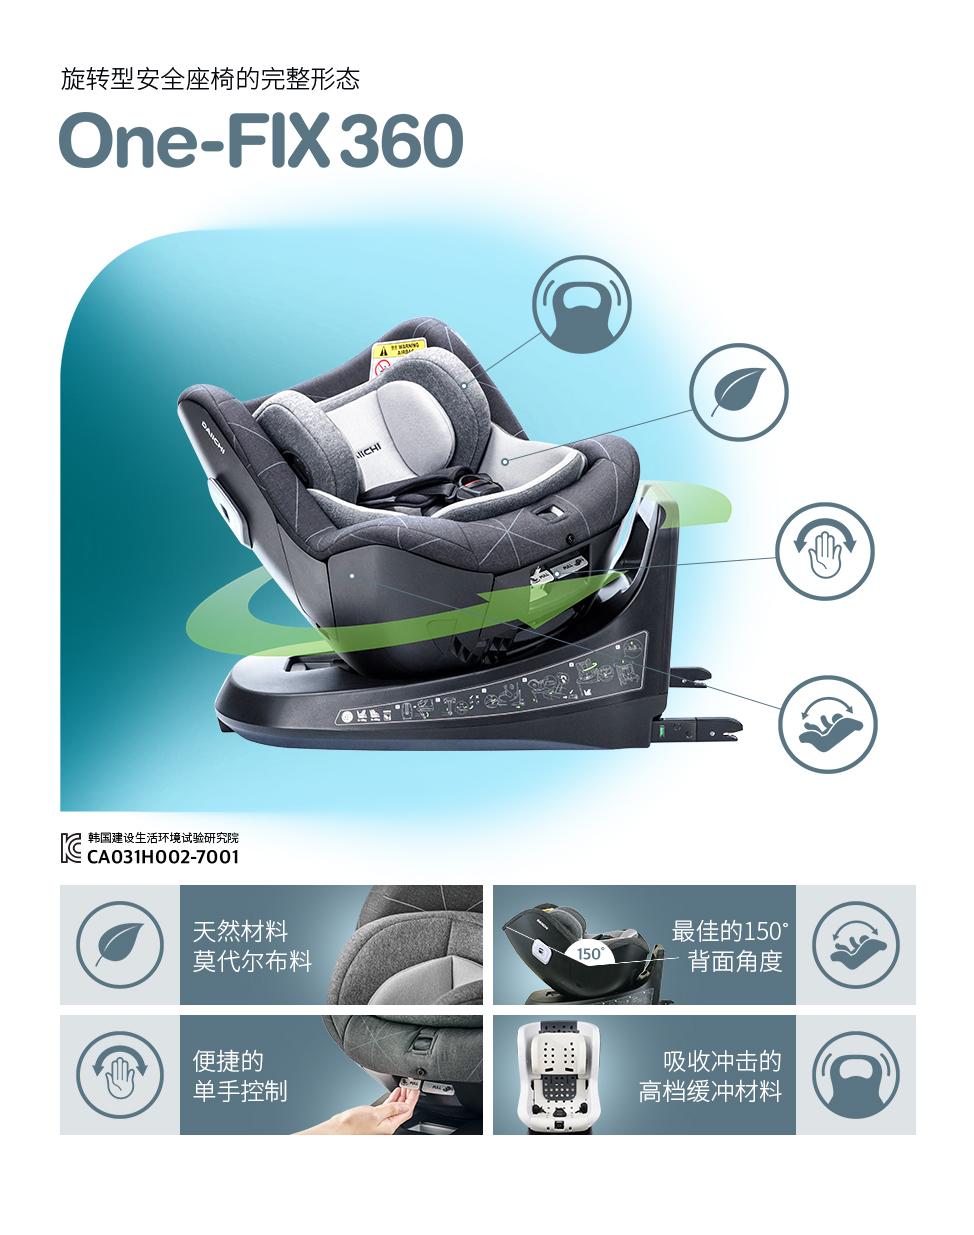 旋转型安全座椅的完整形态. 玳奇 One-FIX360